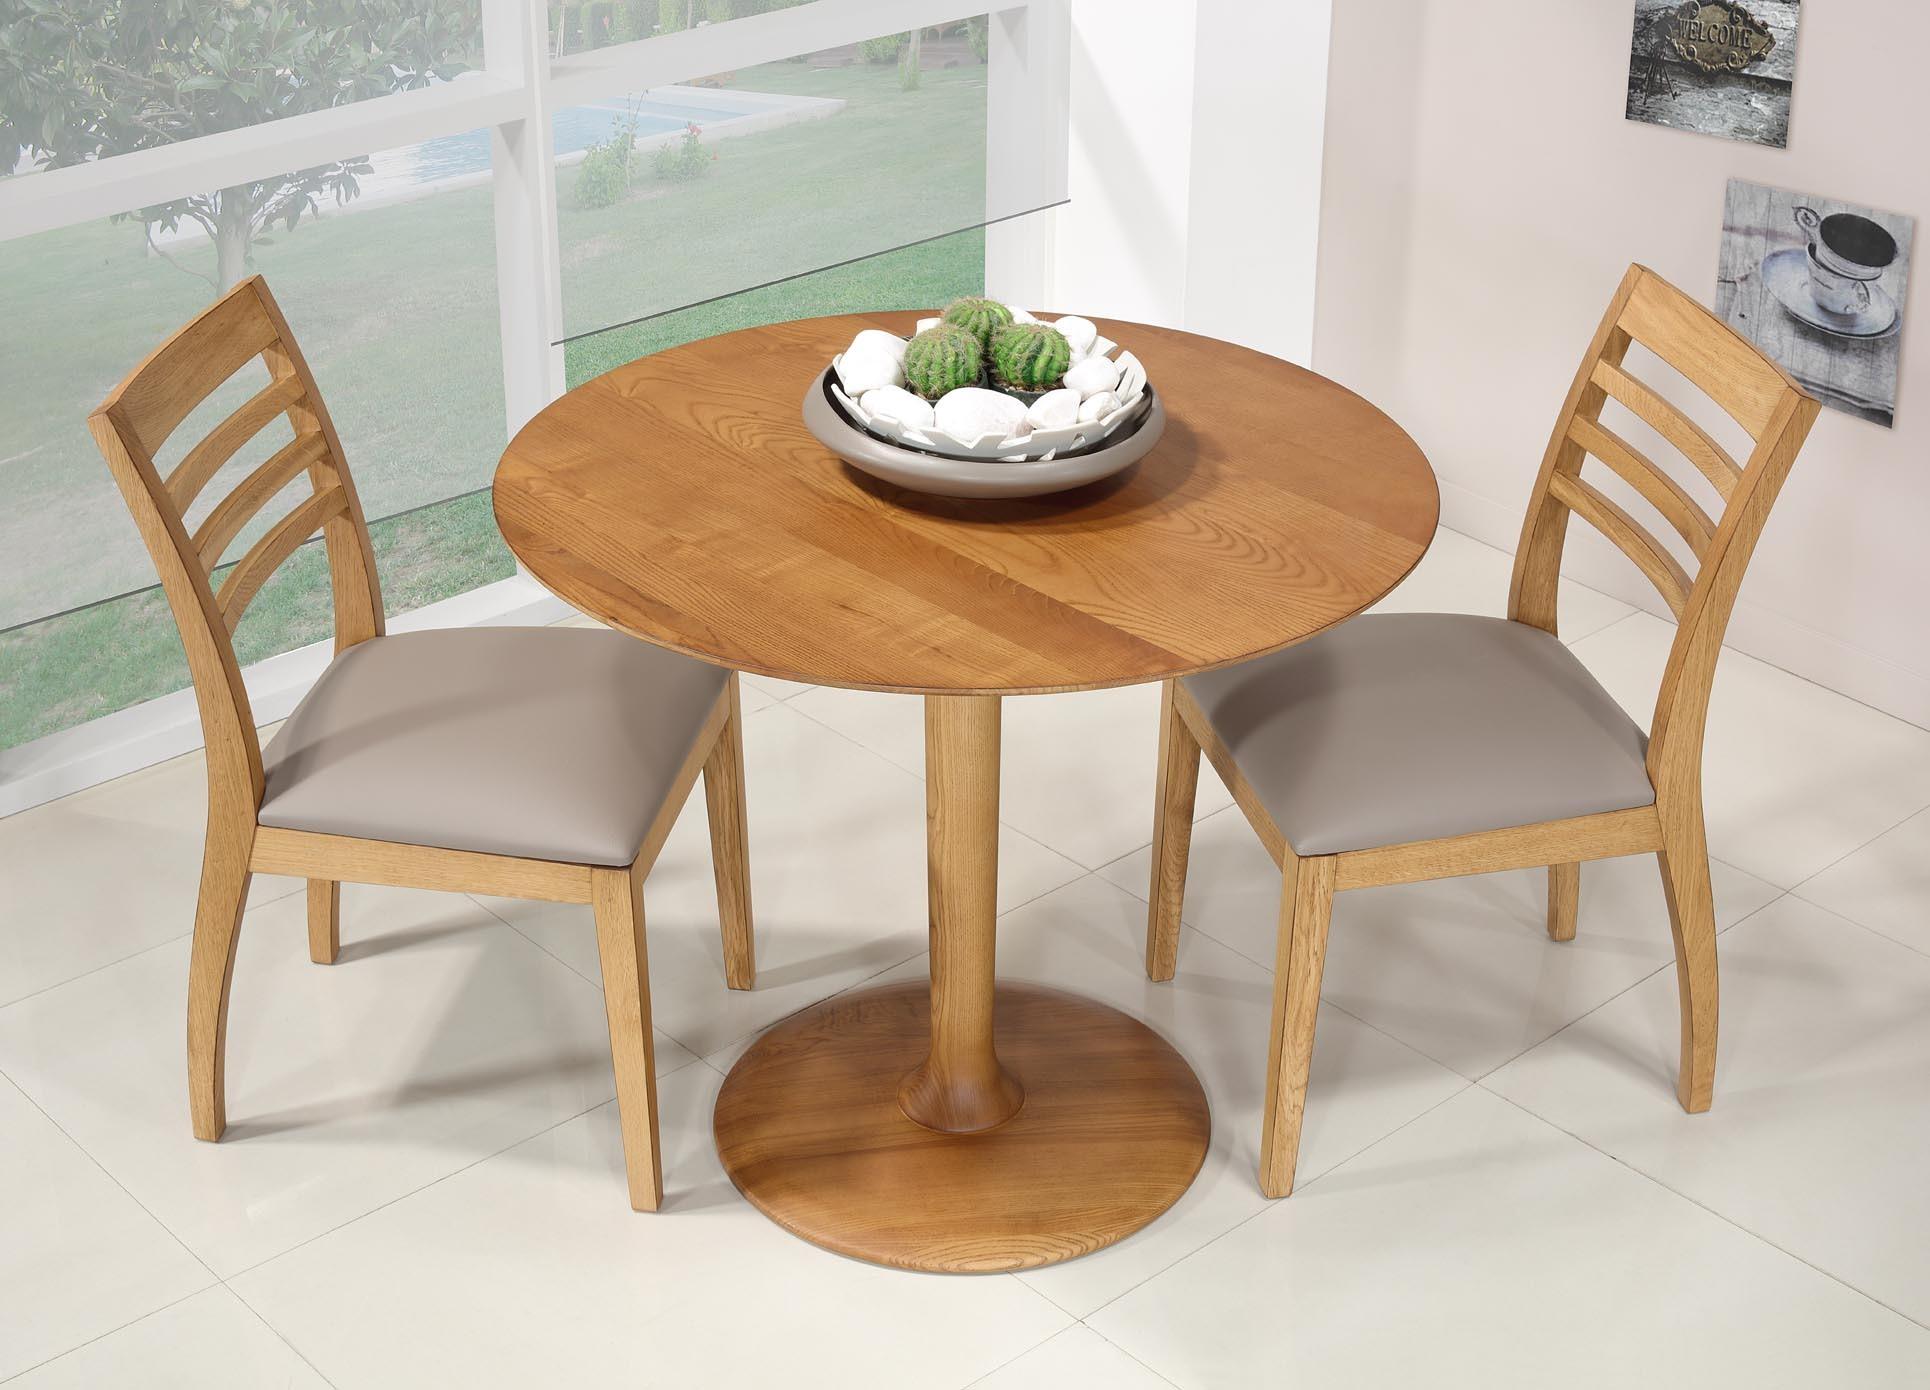 Petite table ronde pieds central  en Frêne Massif Diamètre 90 Ligne contemporaine